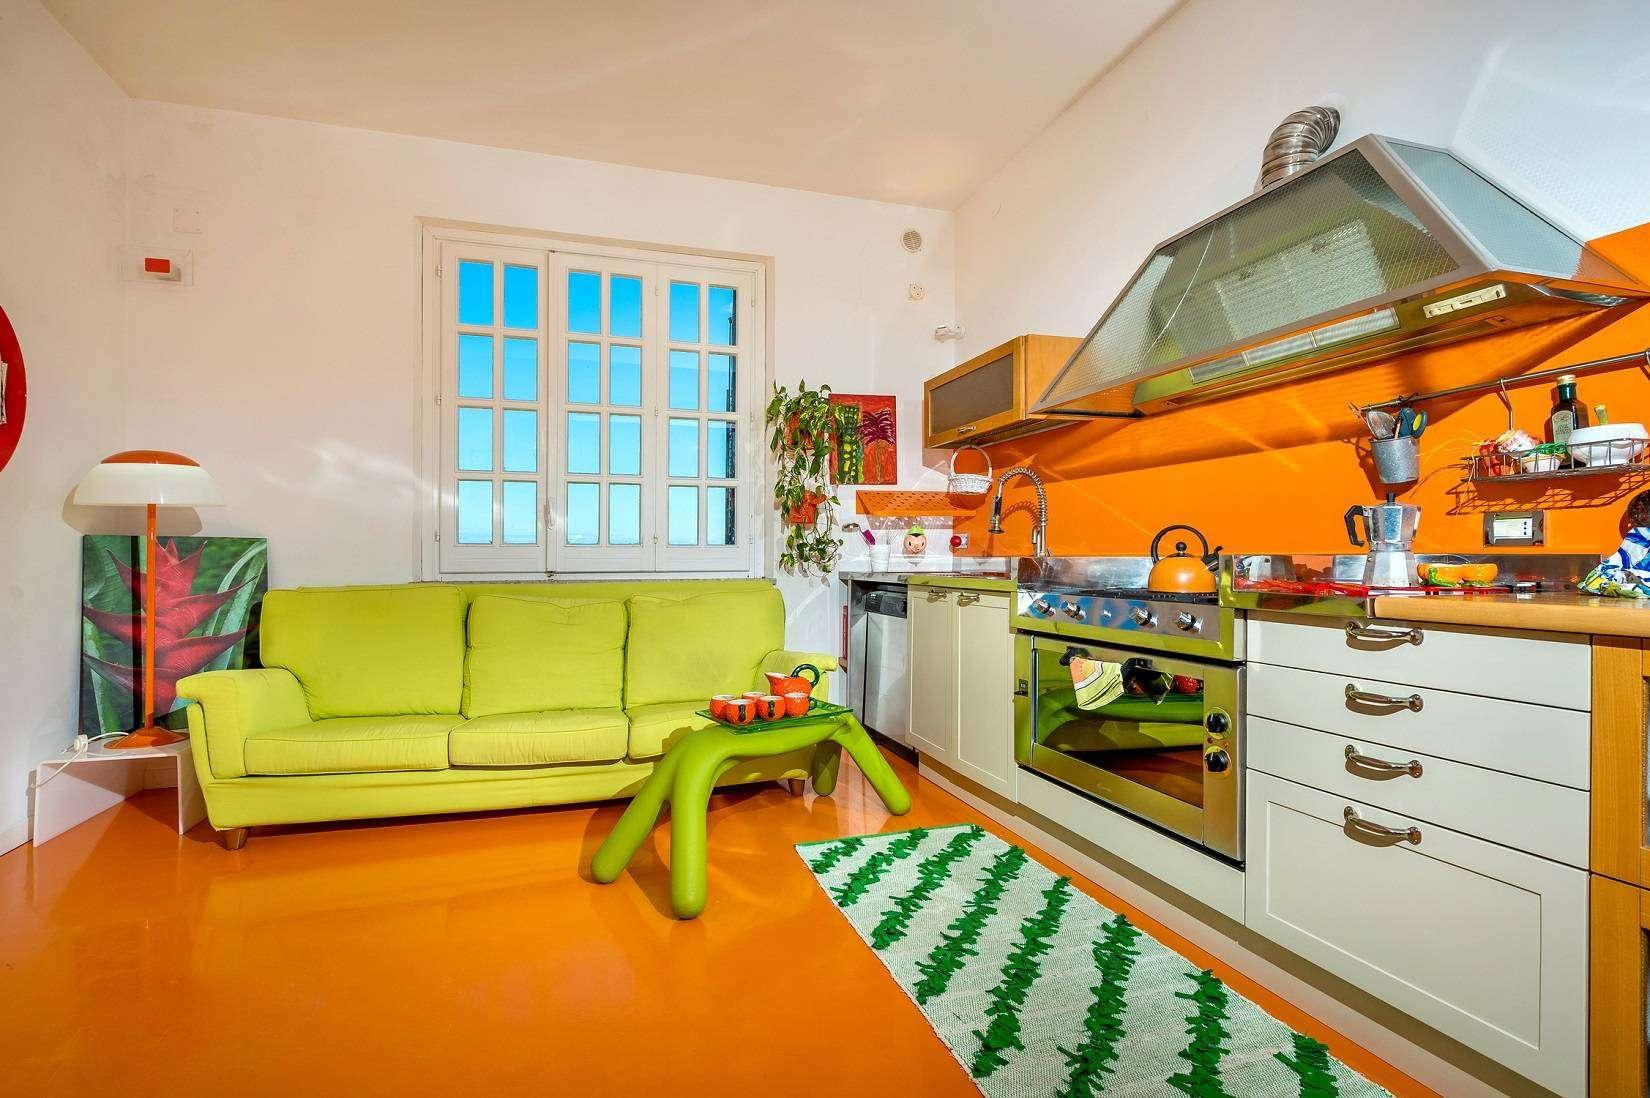 11 Dei Mori kitchen